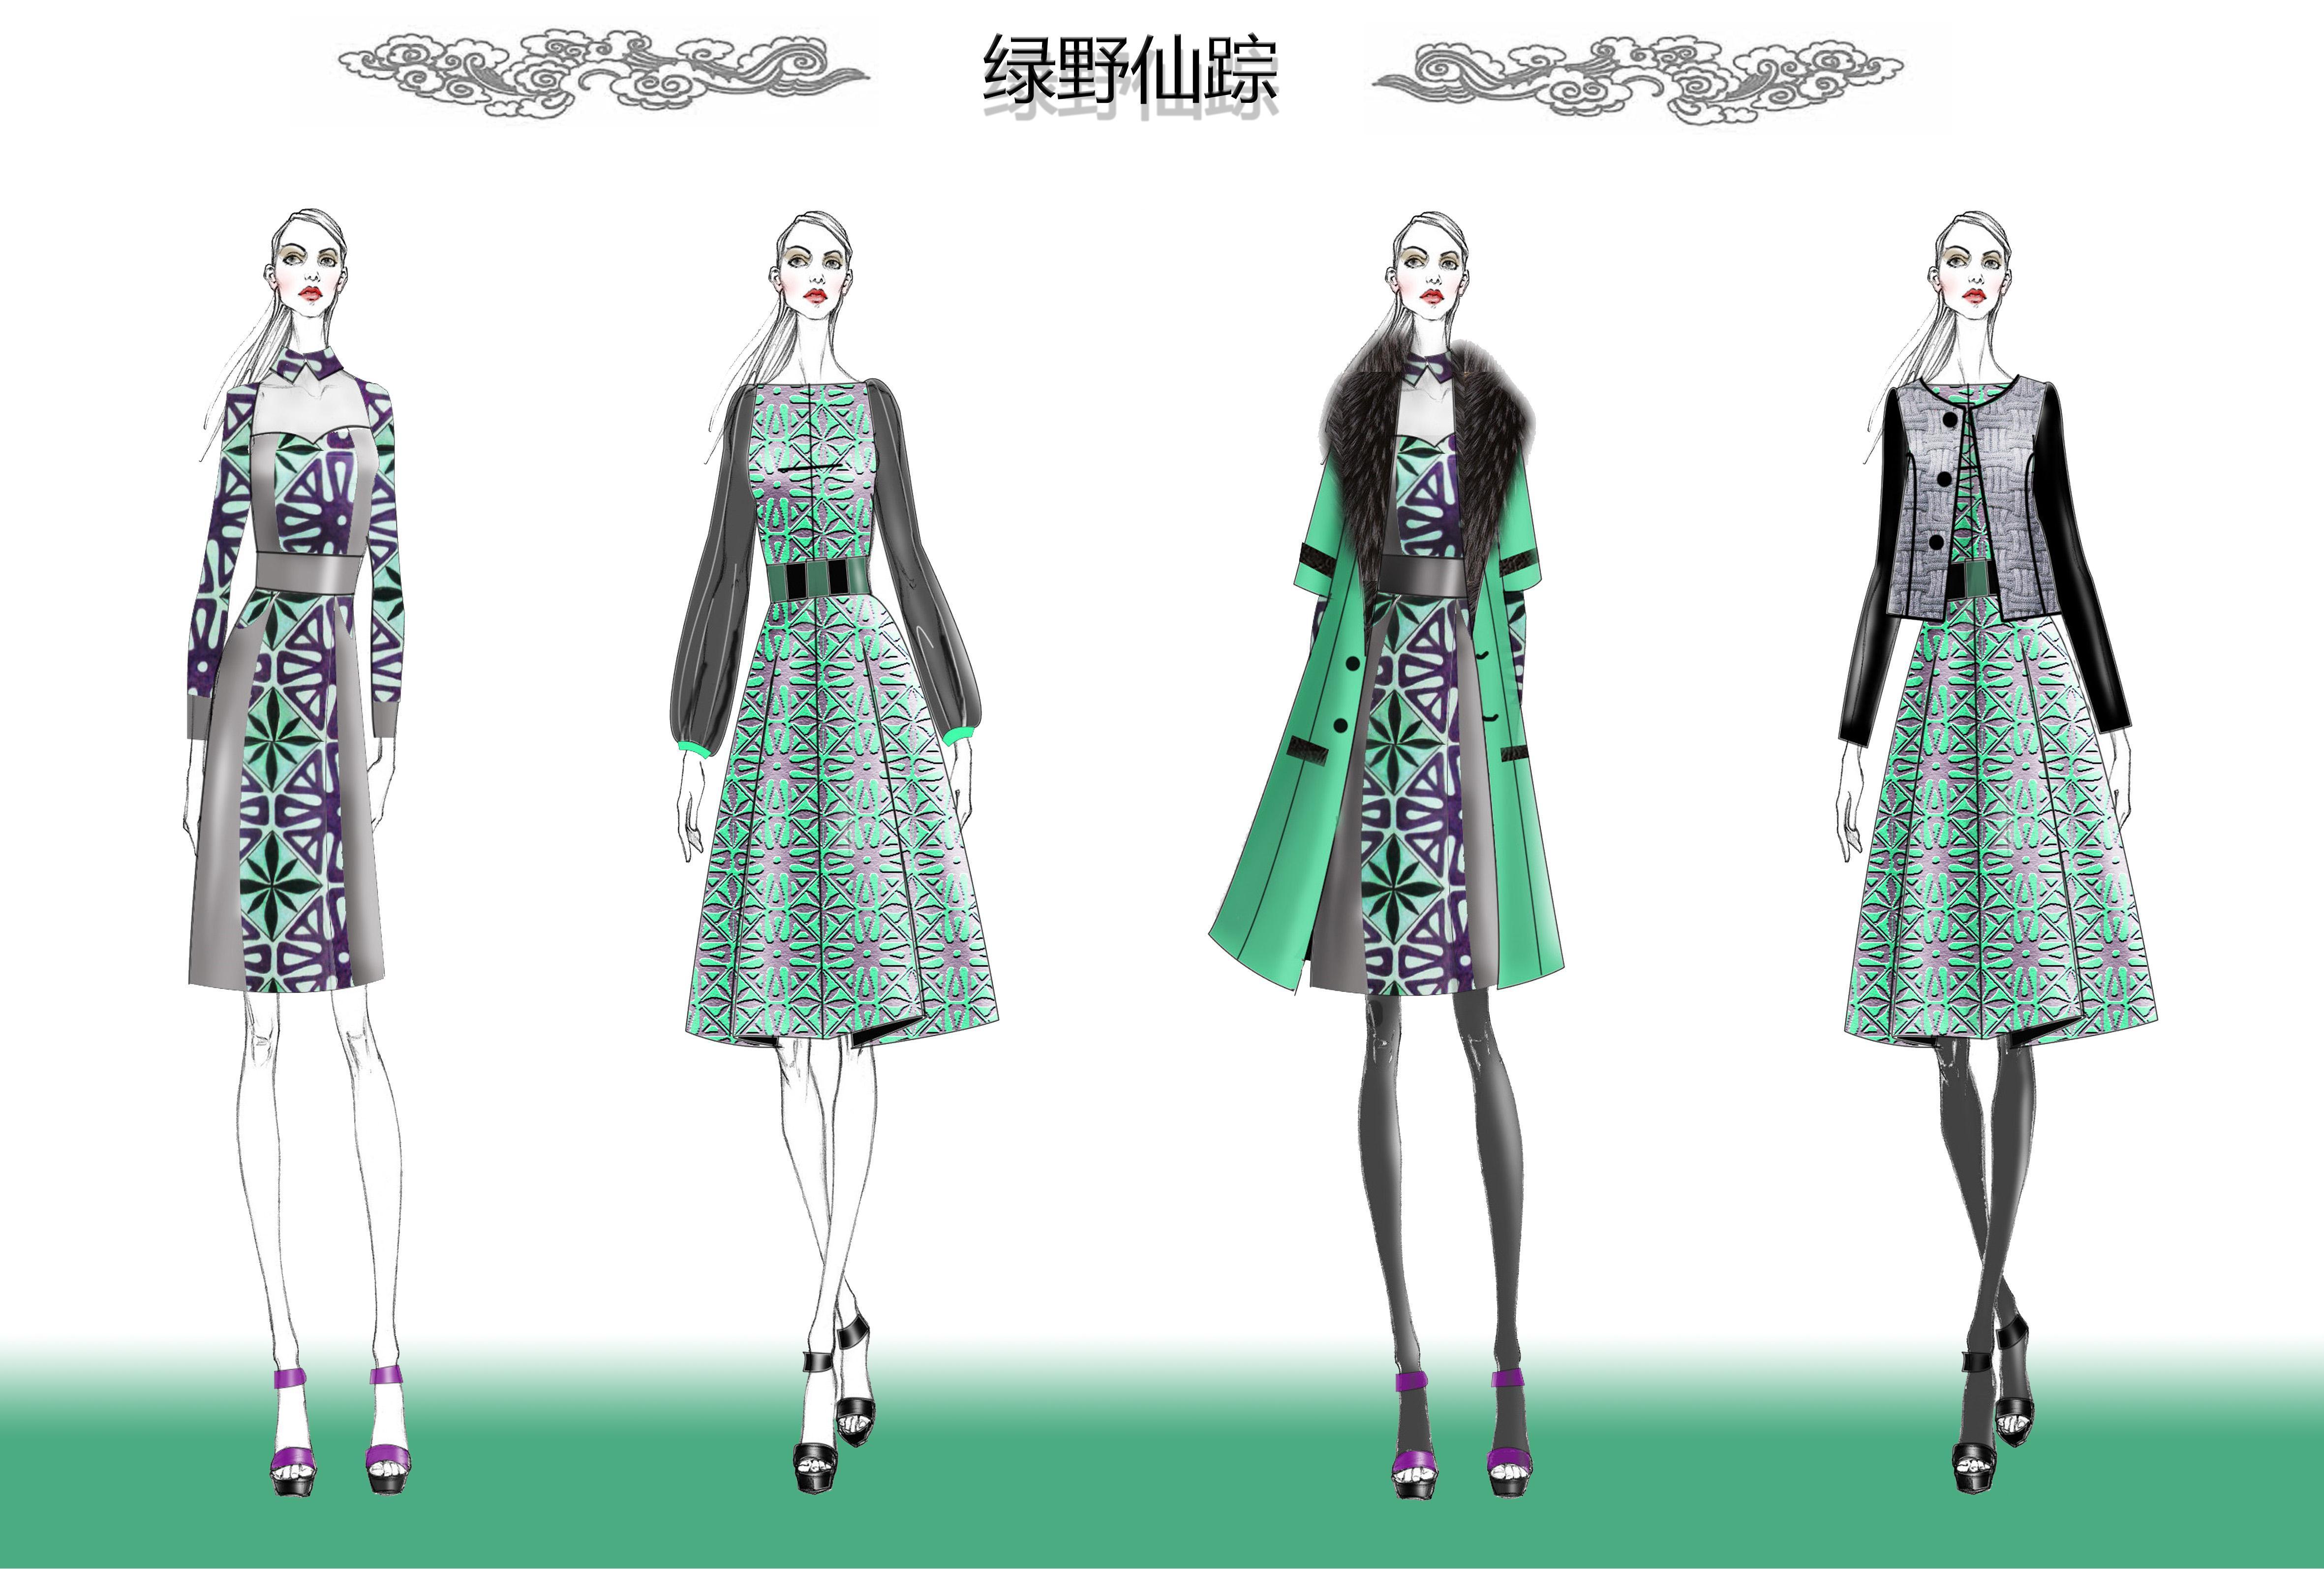 创意:此次系列设计灵感来源于电影绿野仙踪,一个童话般美好的世界。色彩运用也非常清新亮丽,连衣裙款式修身,便于搭配。大呢外套采用超廓型设计,前卫又知性。短外套是经典小香风格,简约优雅。另外,相信一个喜欢把花朵穿在身上的女性一定是幸福的。